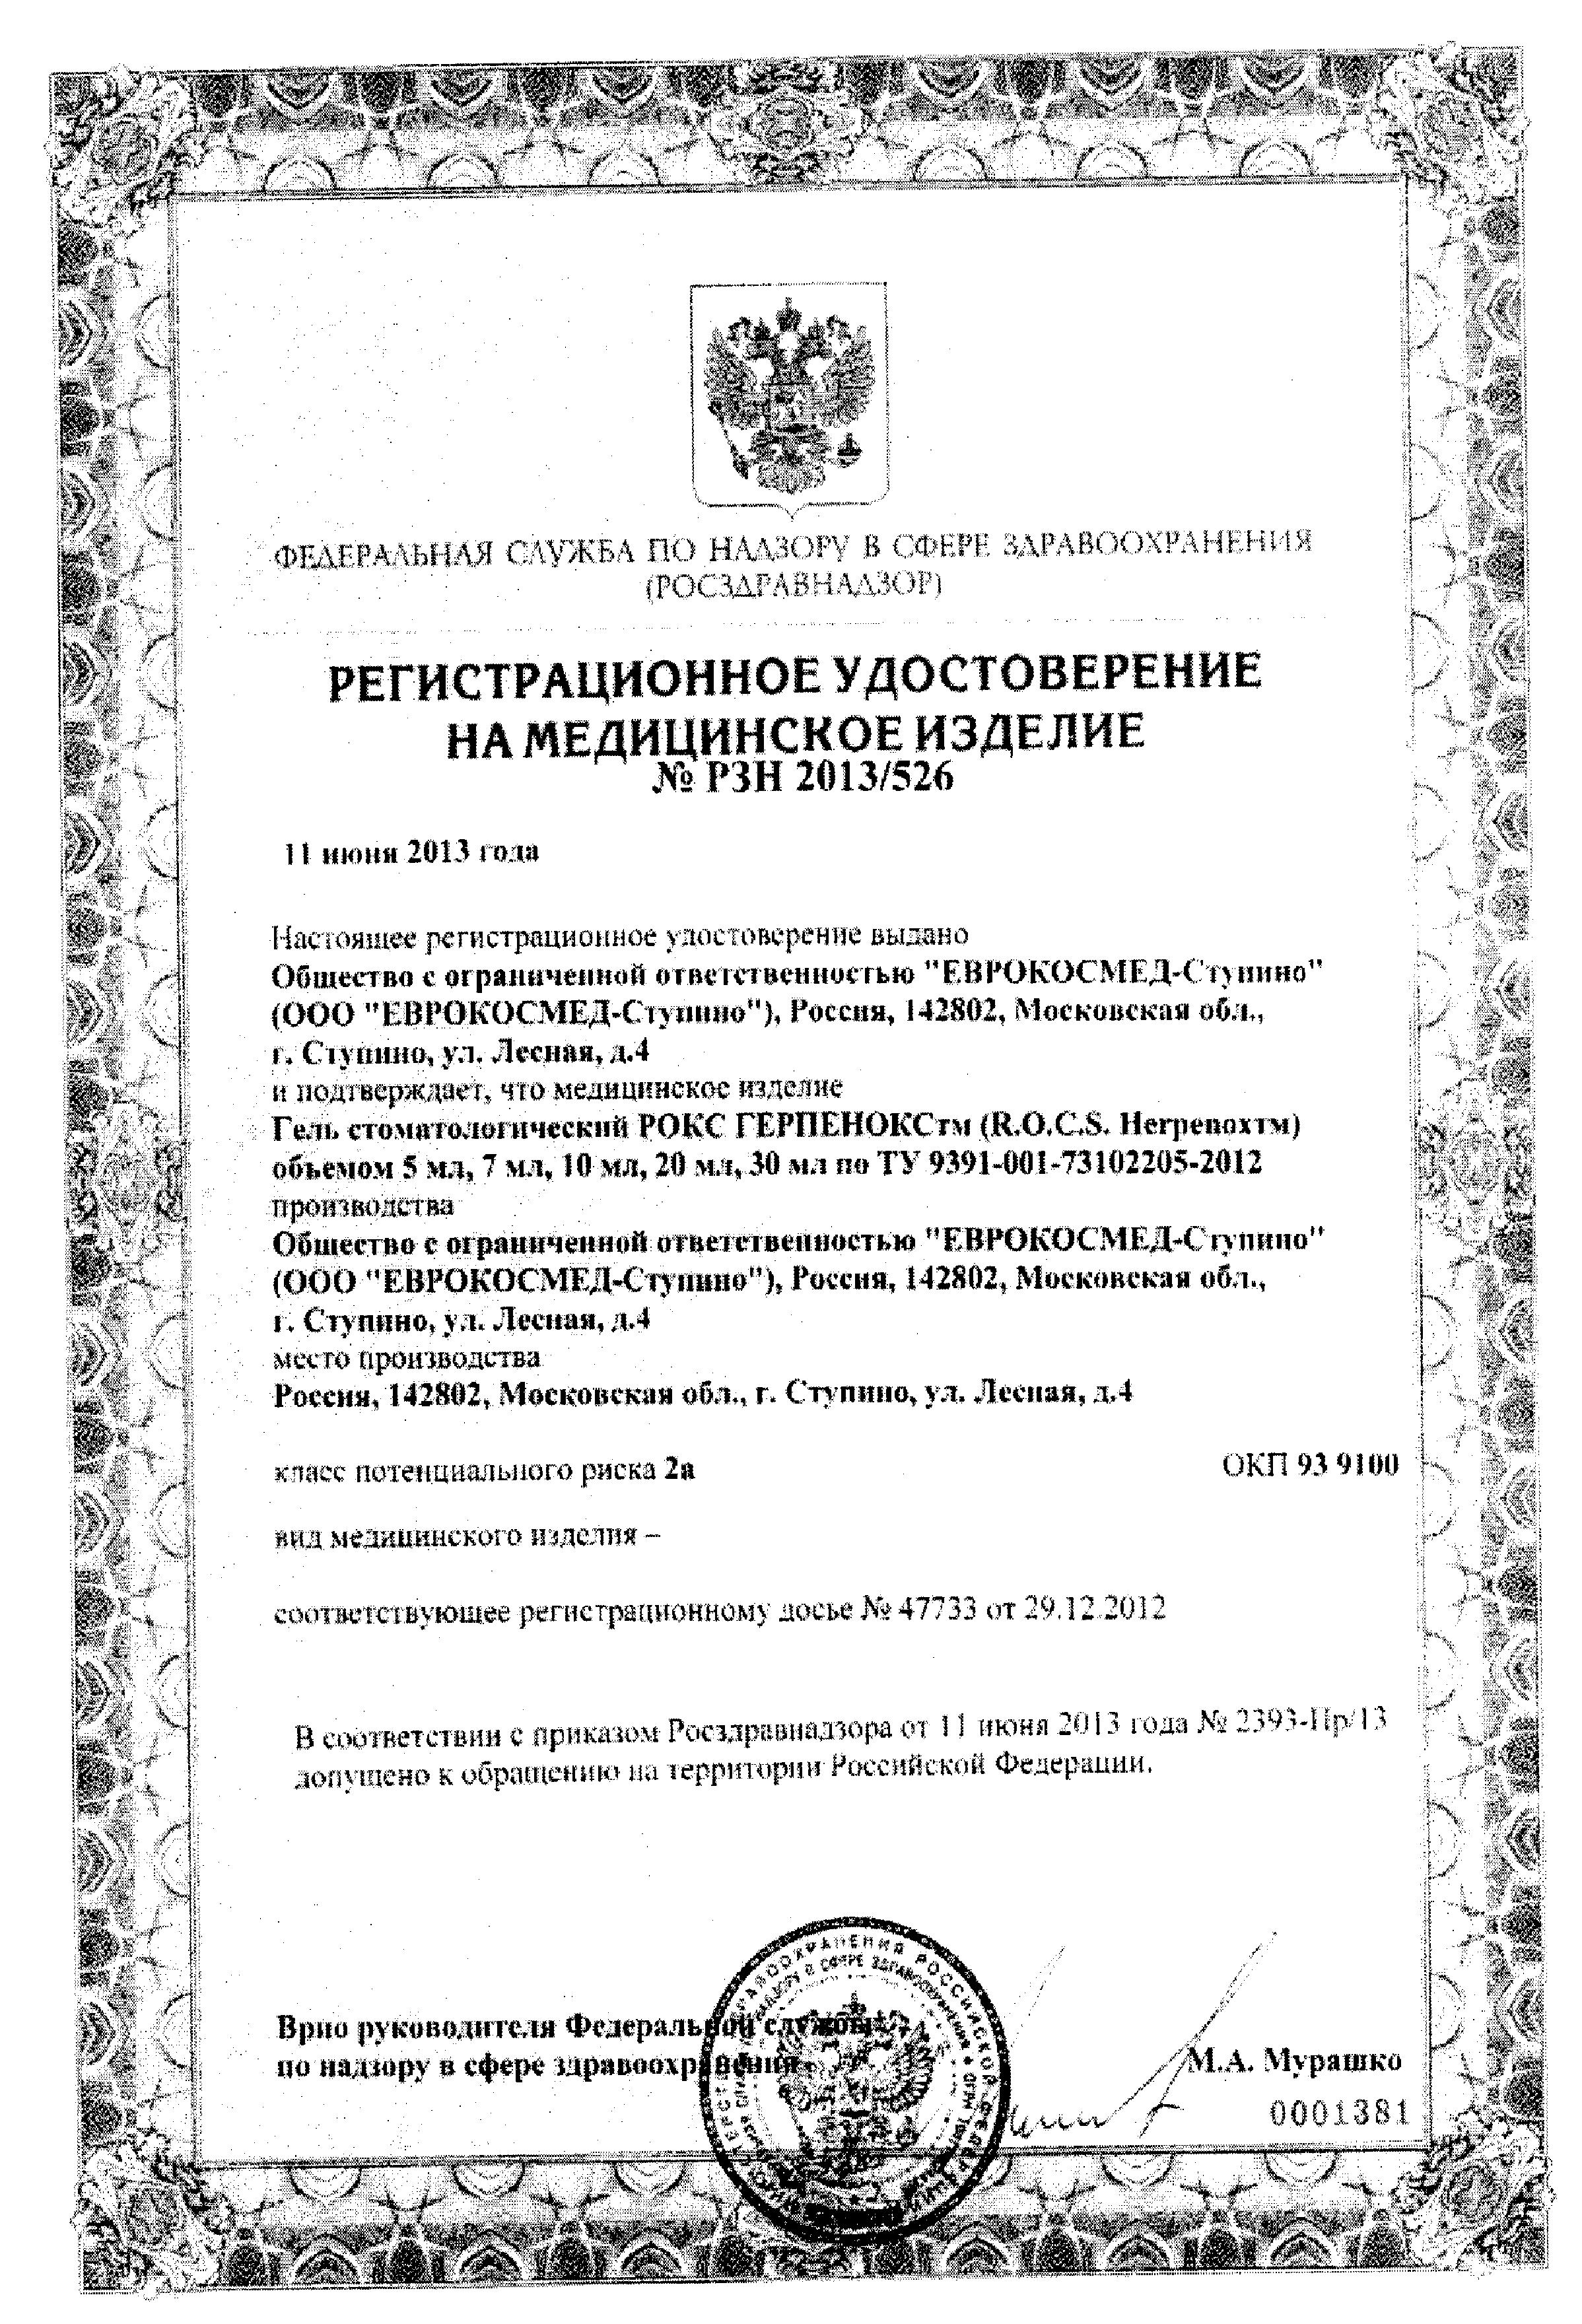 ROCS Гель стоматологический Герпенокс сертификат